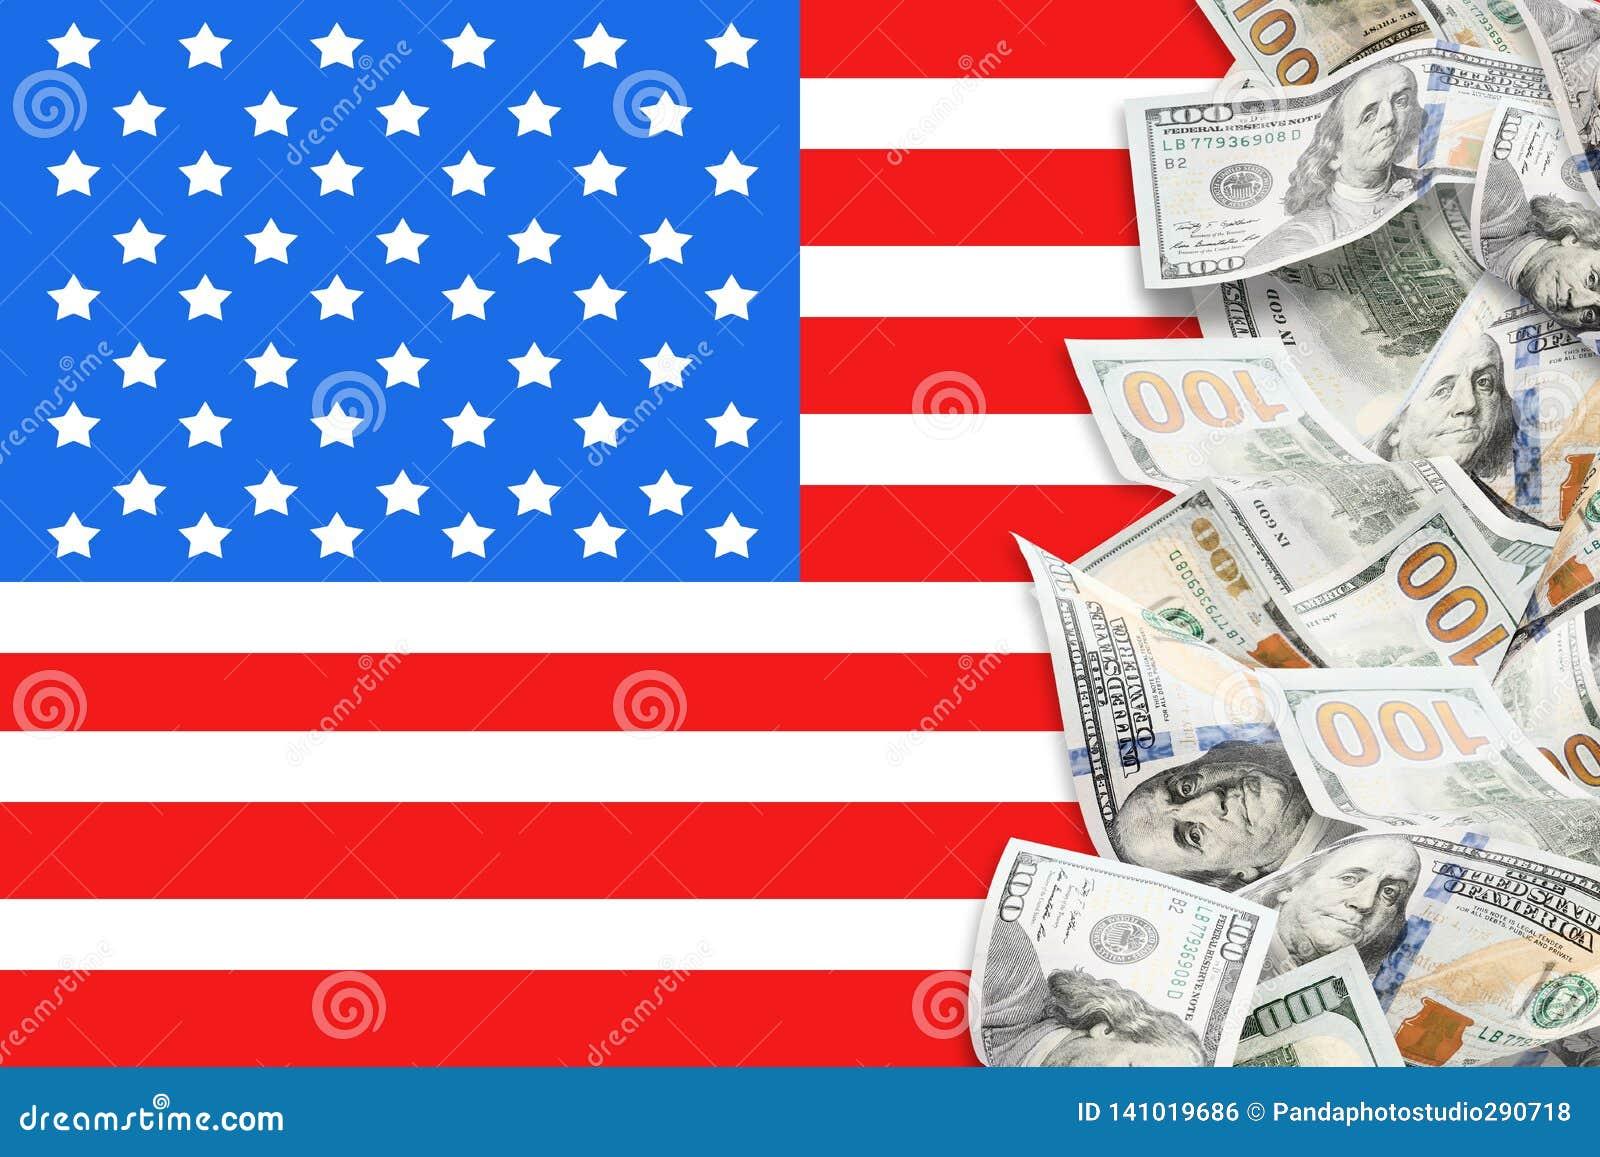 Viele Dollar und amerikanische Flagge